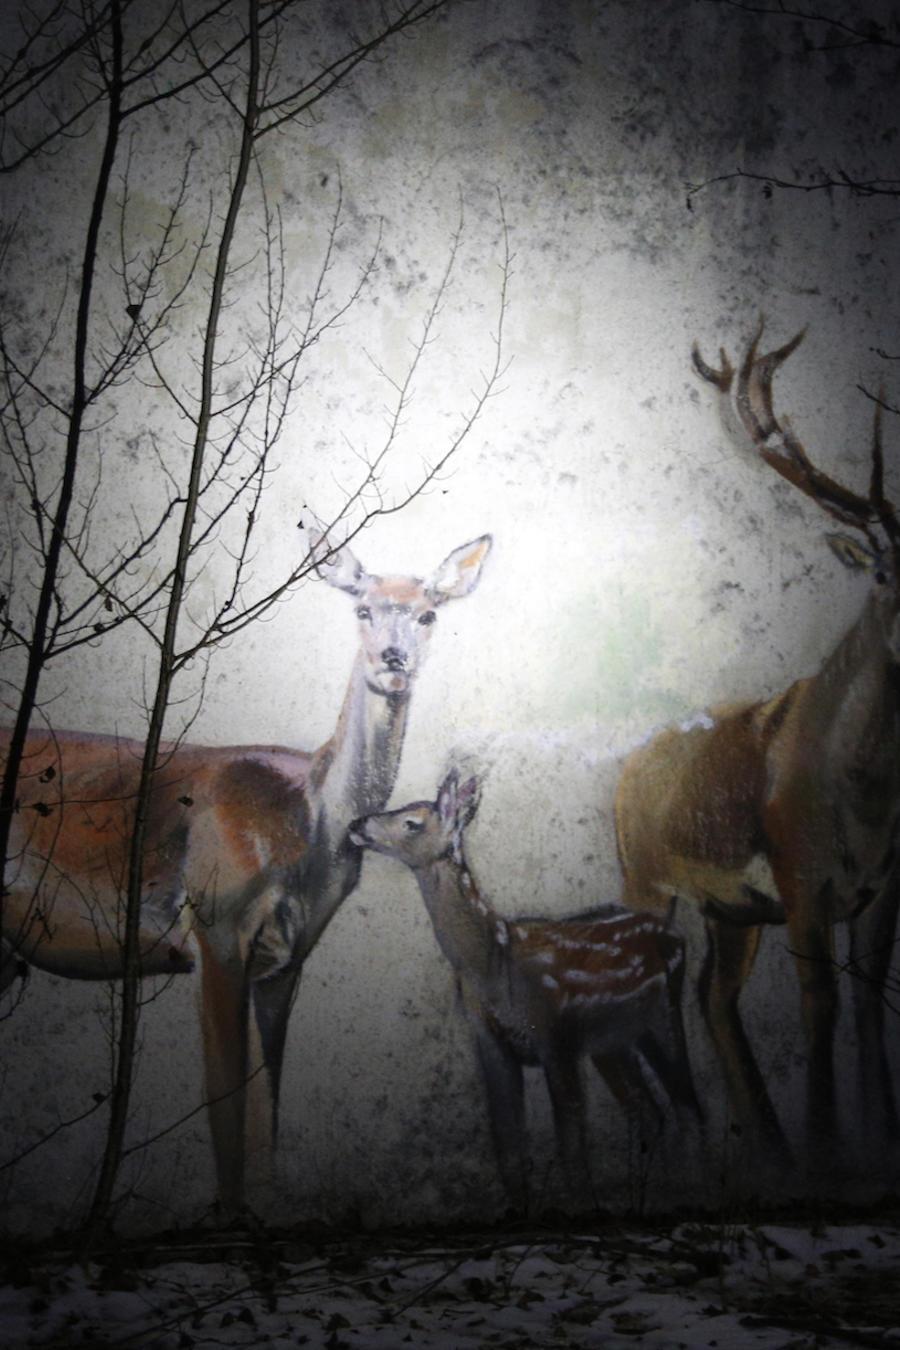 Un graffiti con una familia de ciervos, en una imagen de archivo.